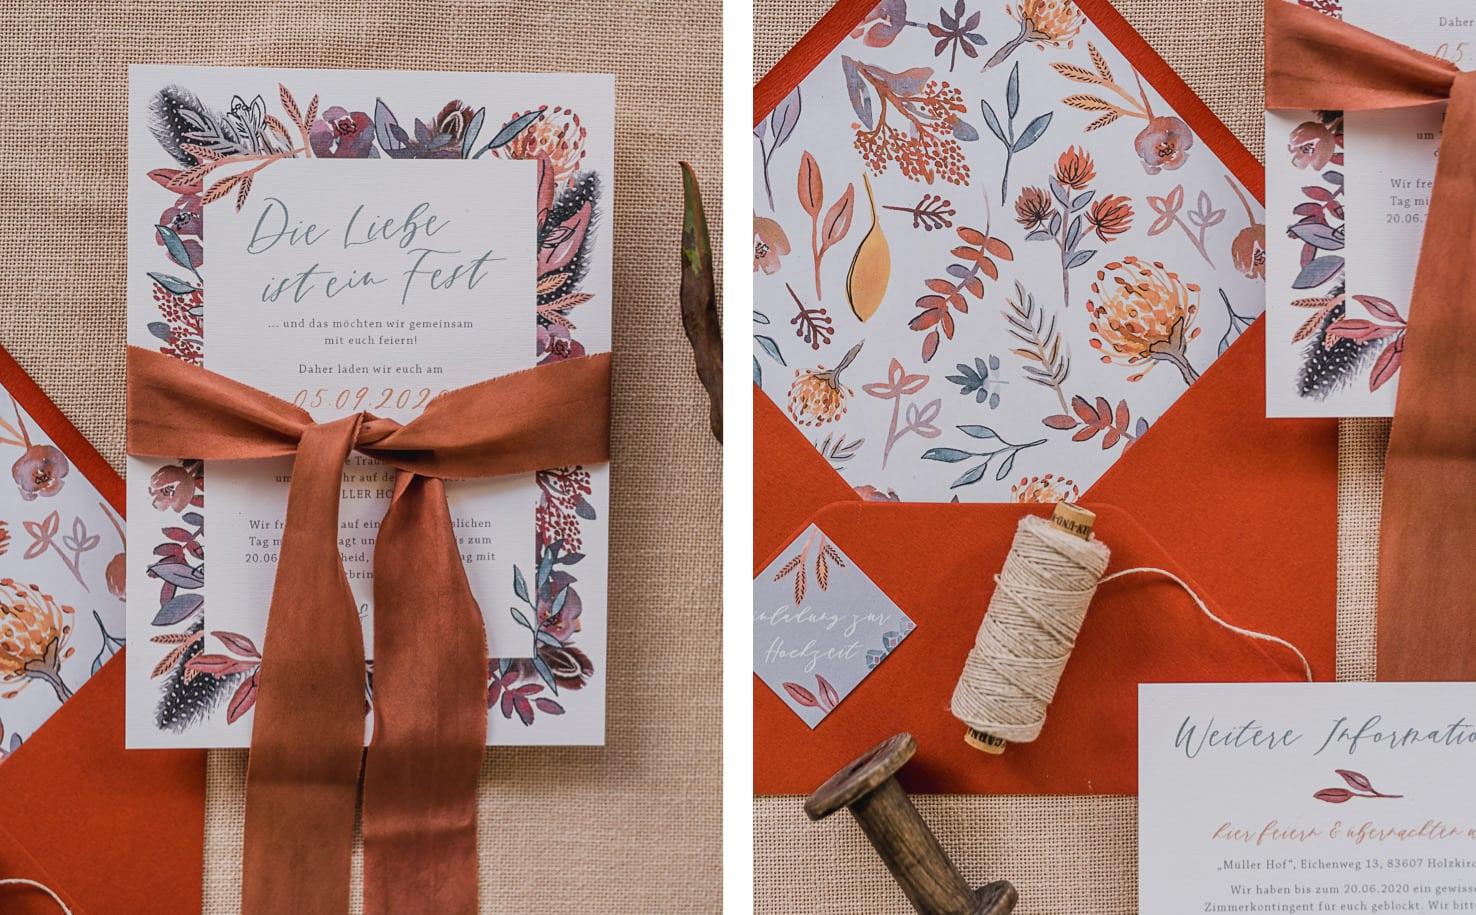 Produktfotografie für Farbgold: Flatlays von Hochzeitspapetrie Designs in nordafrikanischem Makramee Desgin